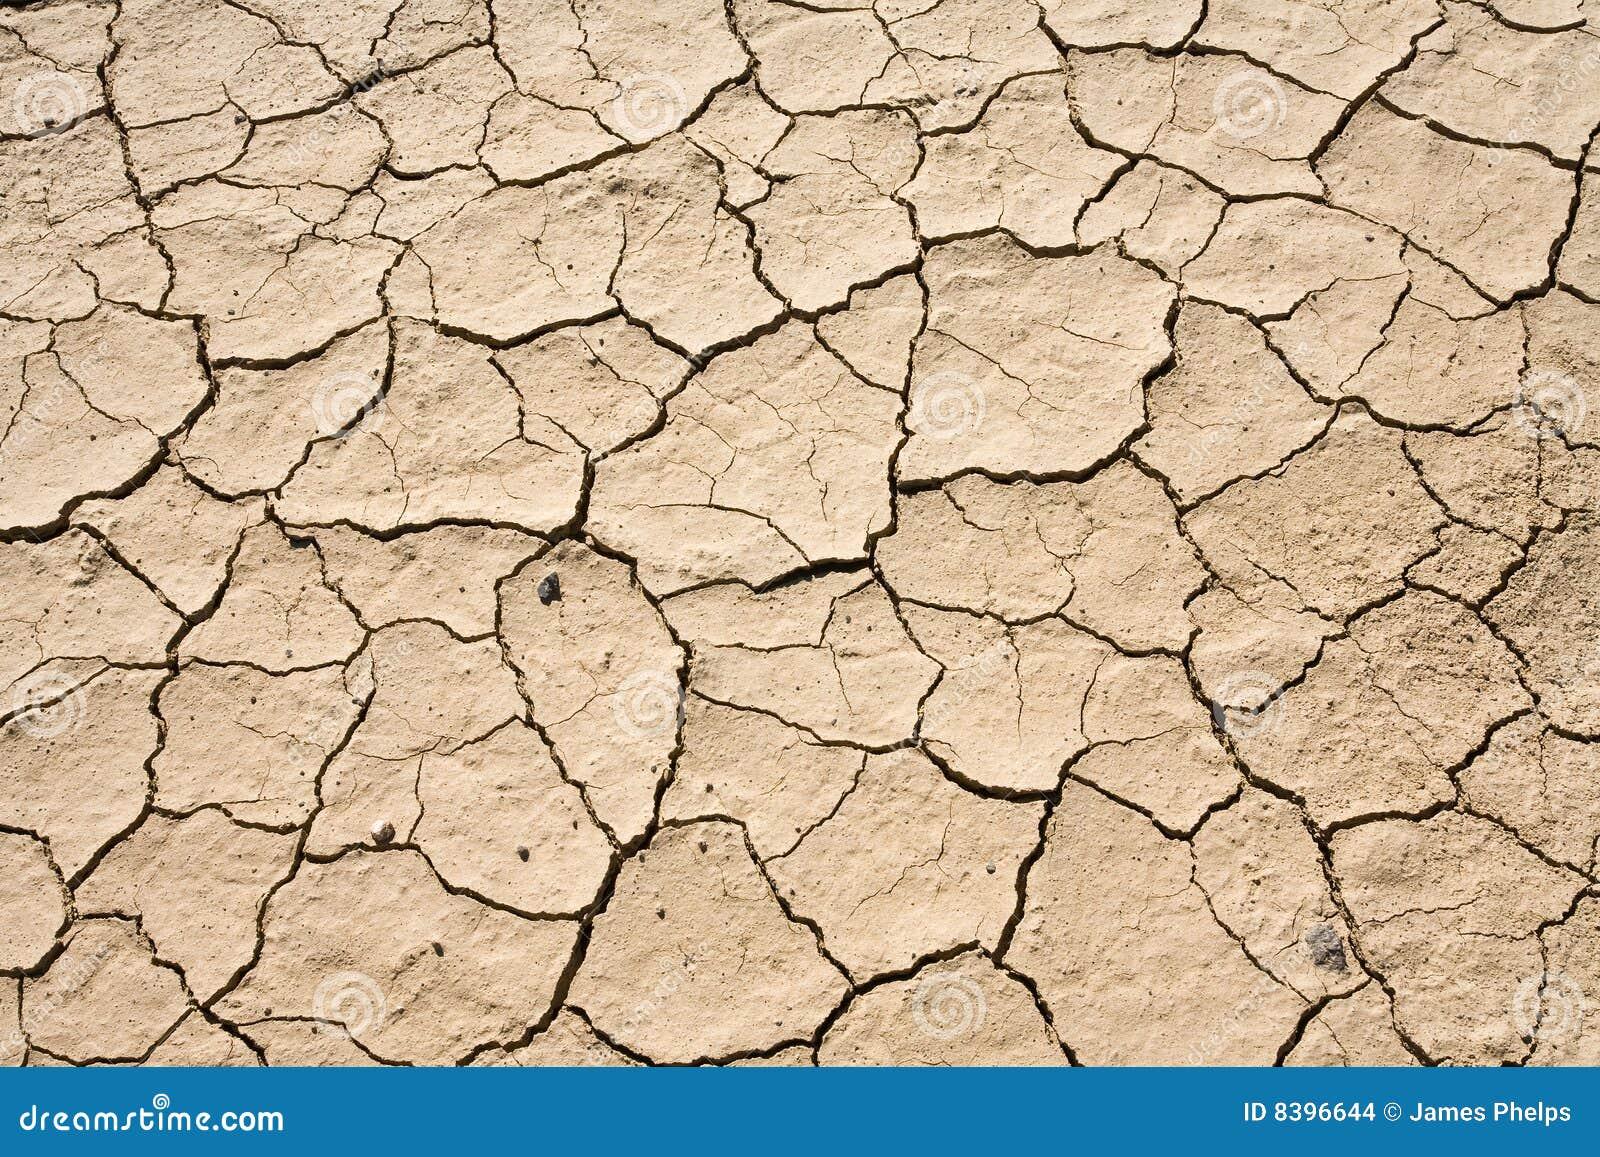 Dry Mud Cracked Desert Ground Background Pattern